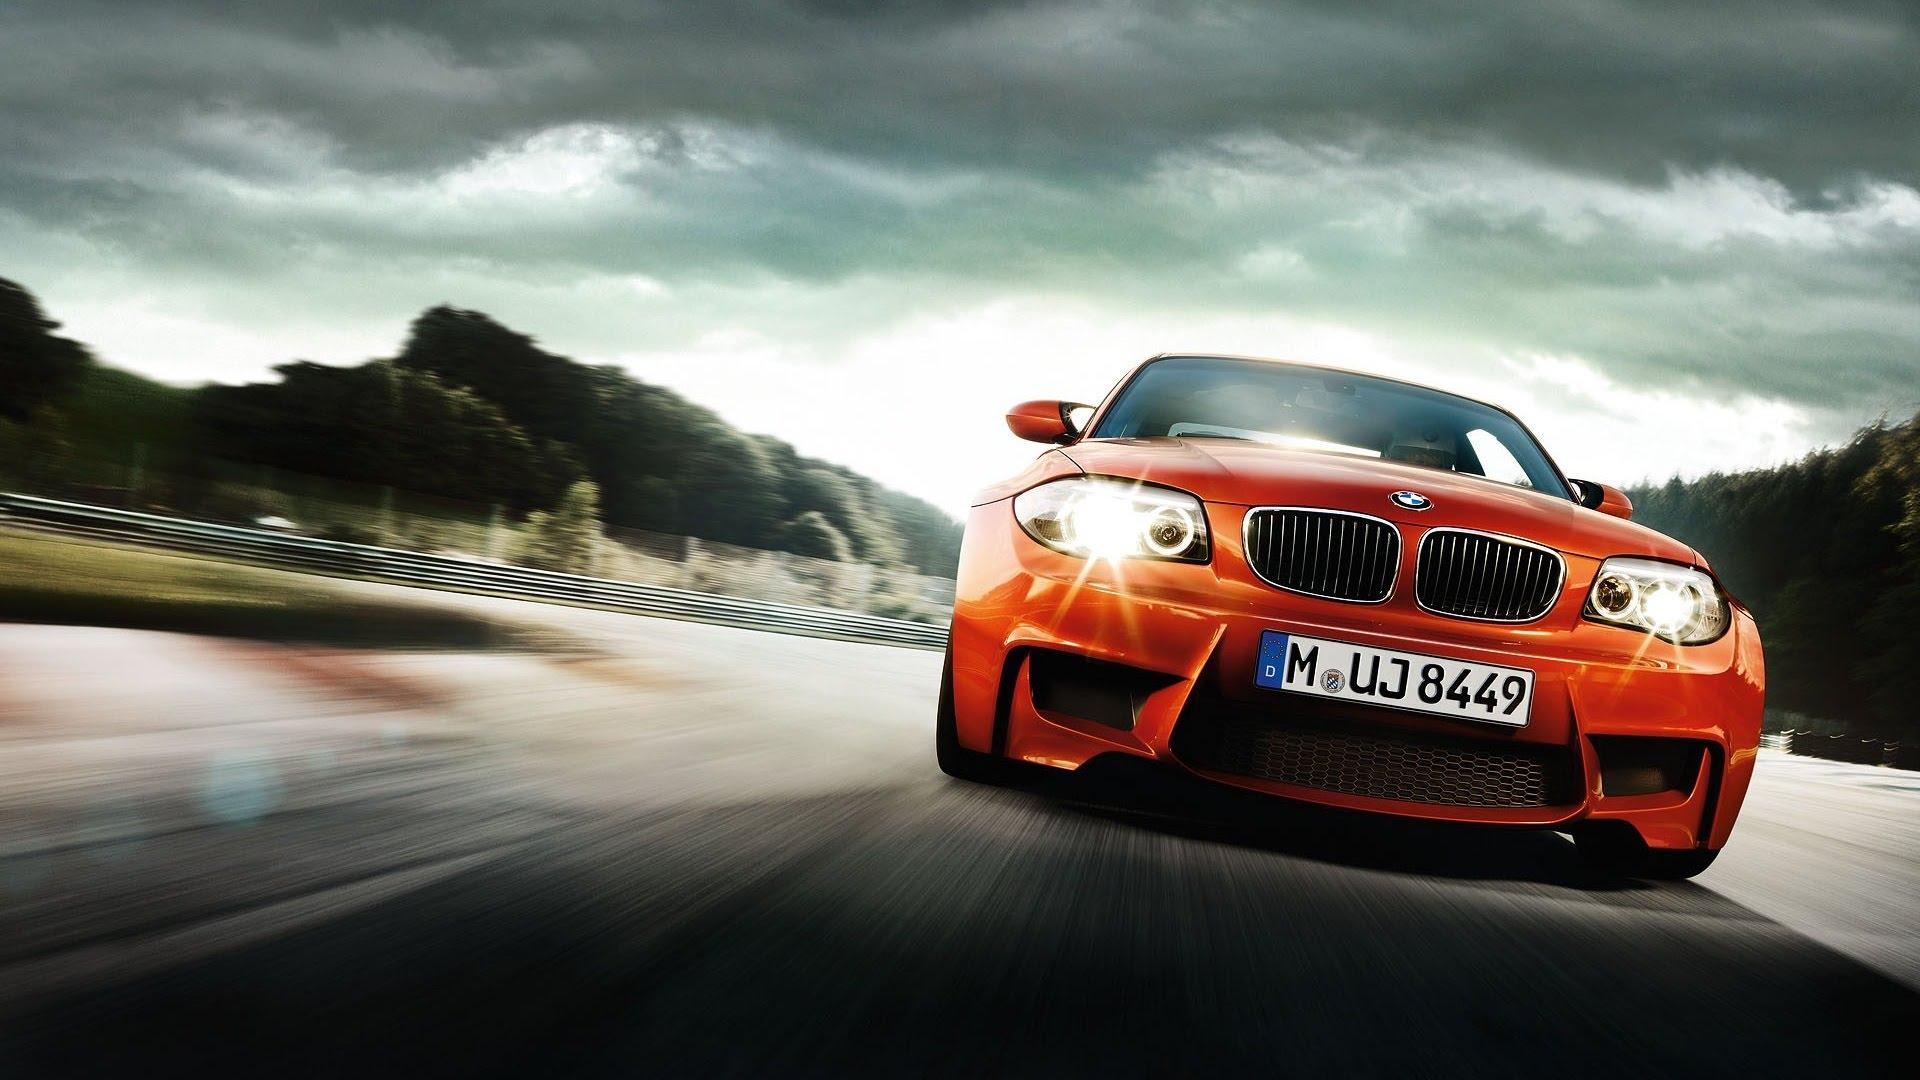 بالصور ماركة سيارات فخمة , امكانيات وماركات عالمية لا تعرفها فى عالم السيارات 1436 2